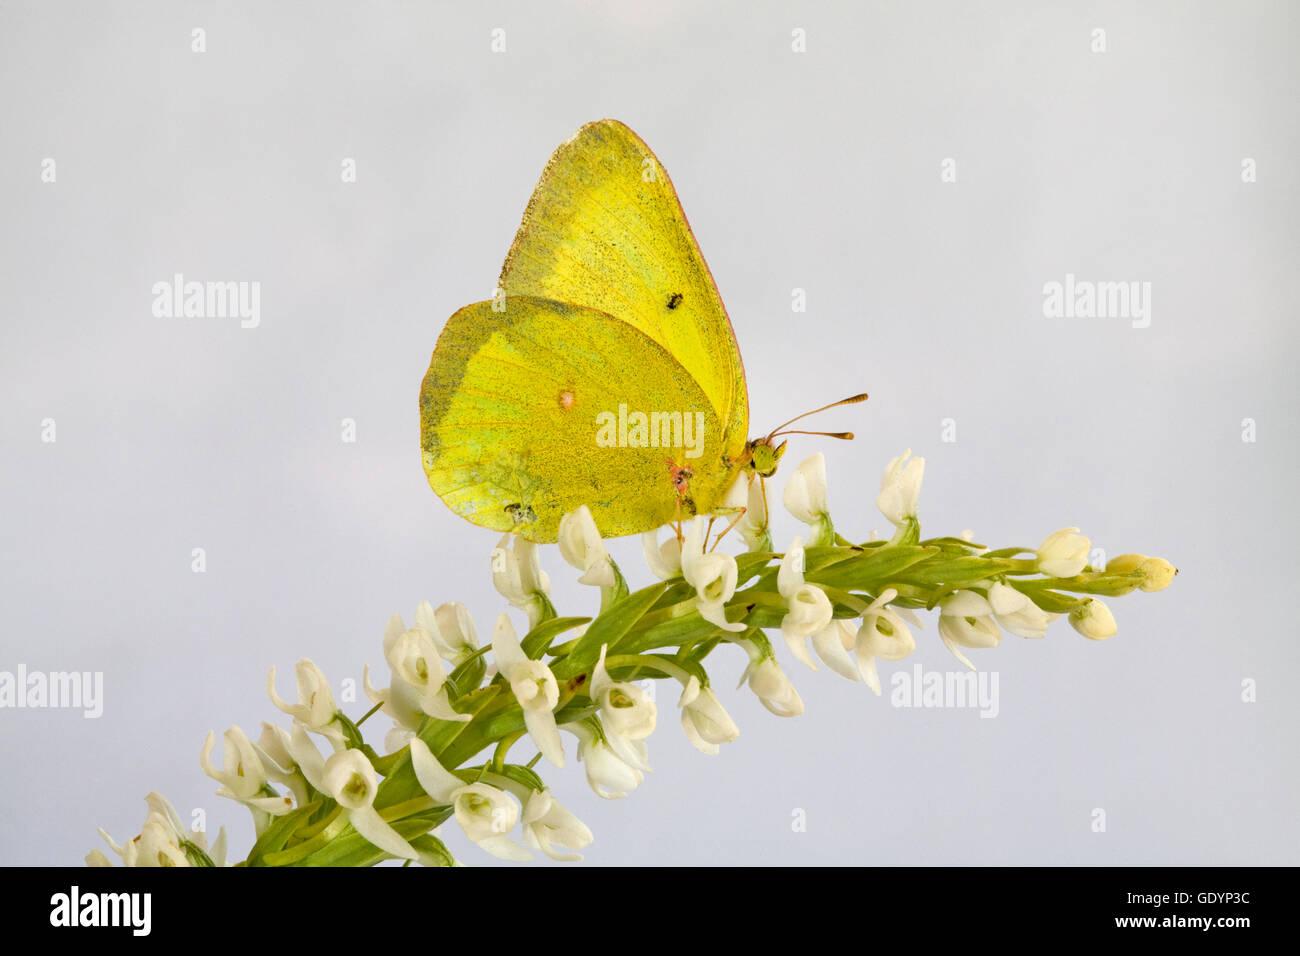 Un offuscato la farfalla di zolfo, Colias philodice, tenendo il nettare da un fiore Immagini Stock